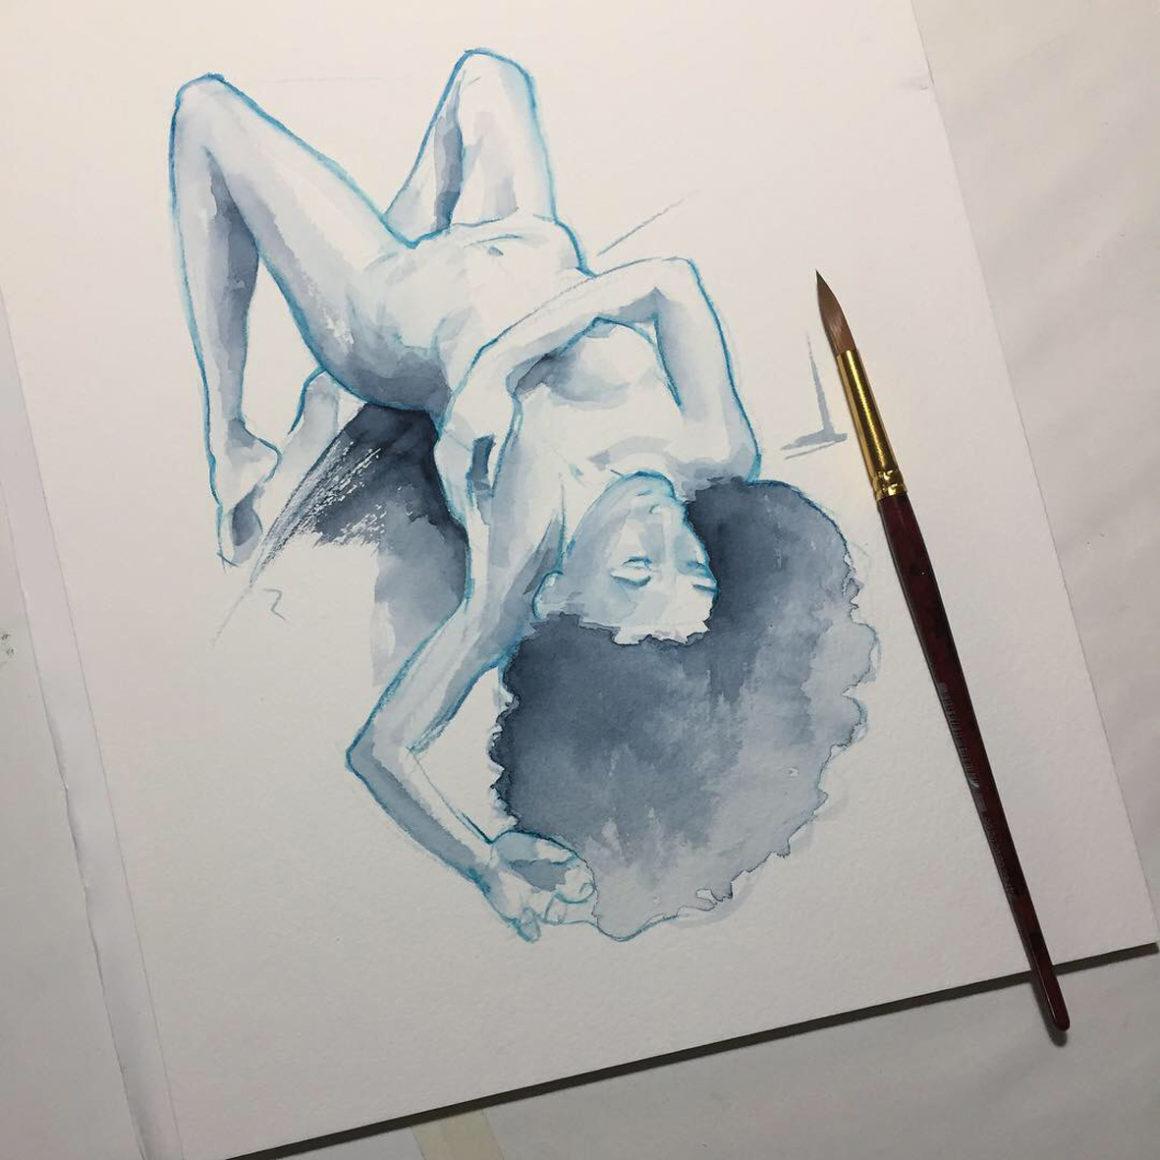 002 Arianna Vito Lentini Designer Acquarelli Sketches